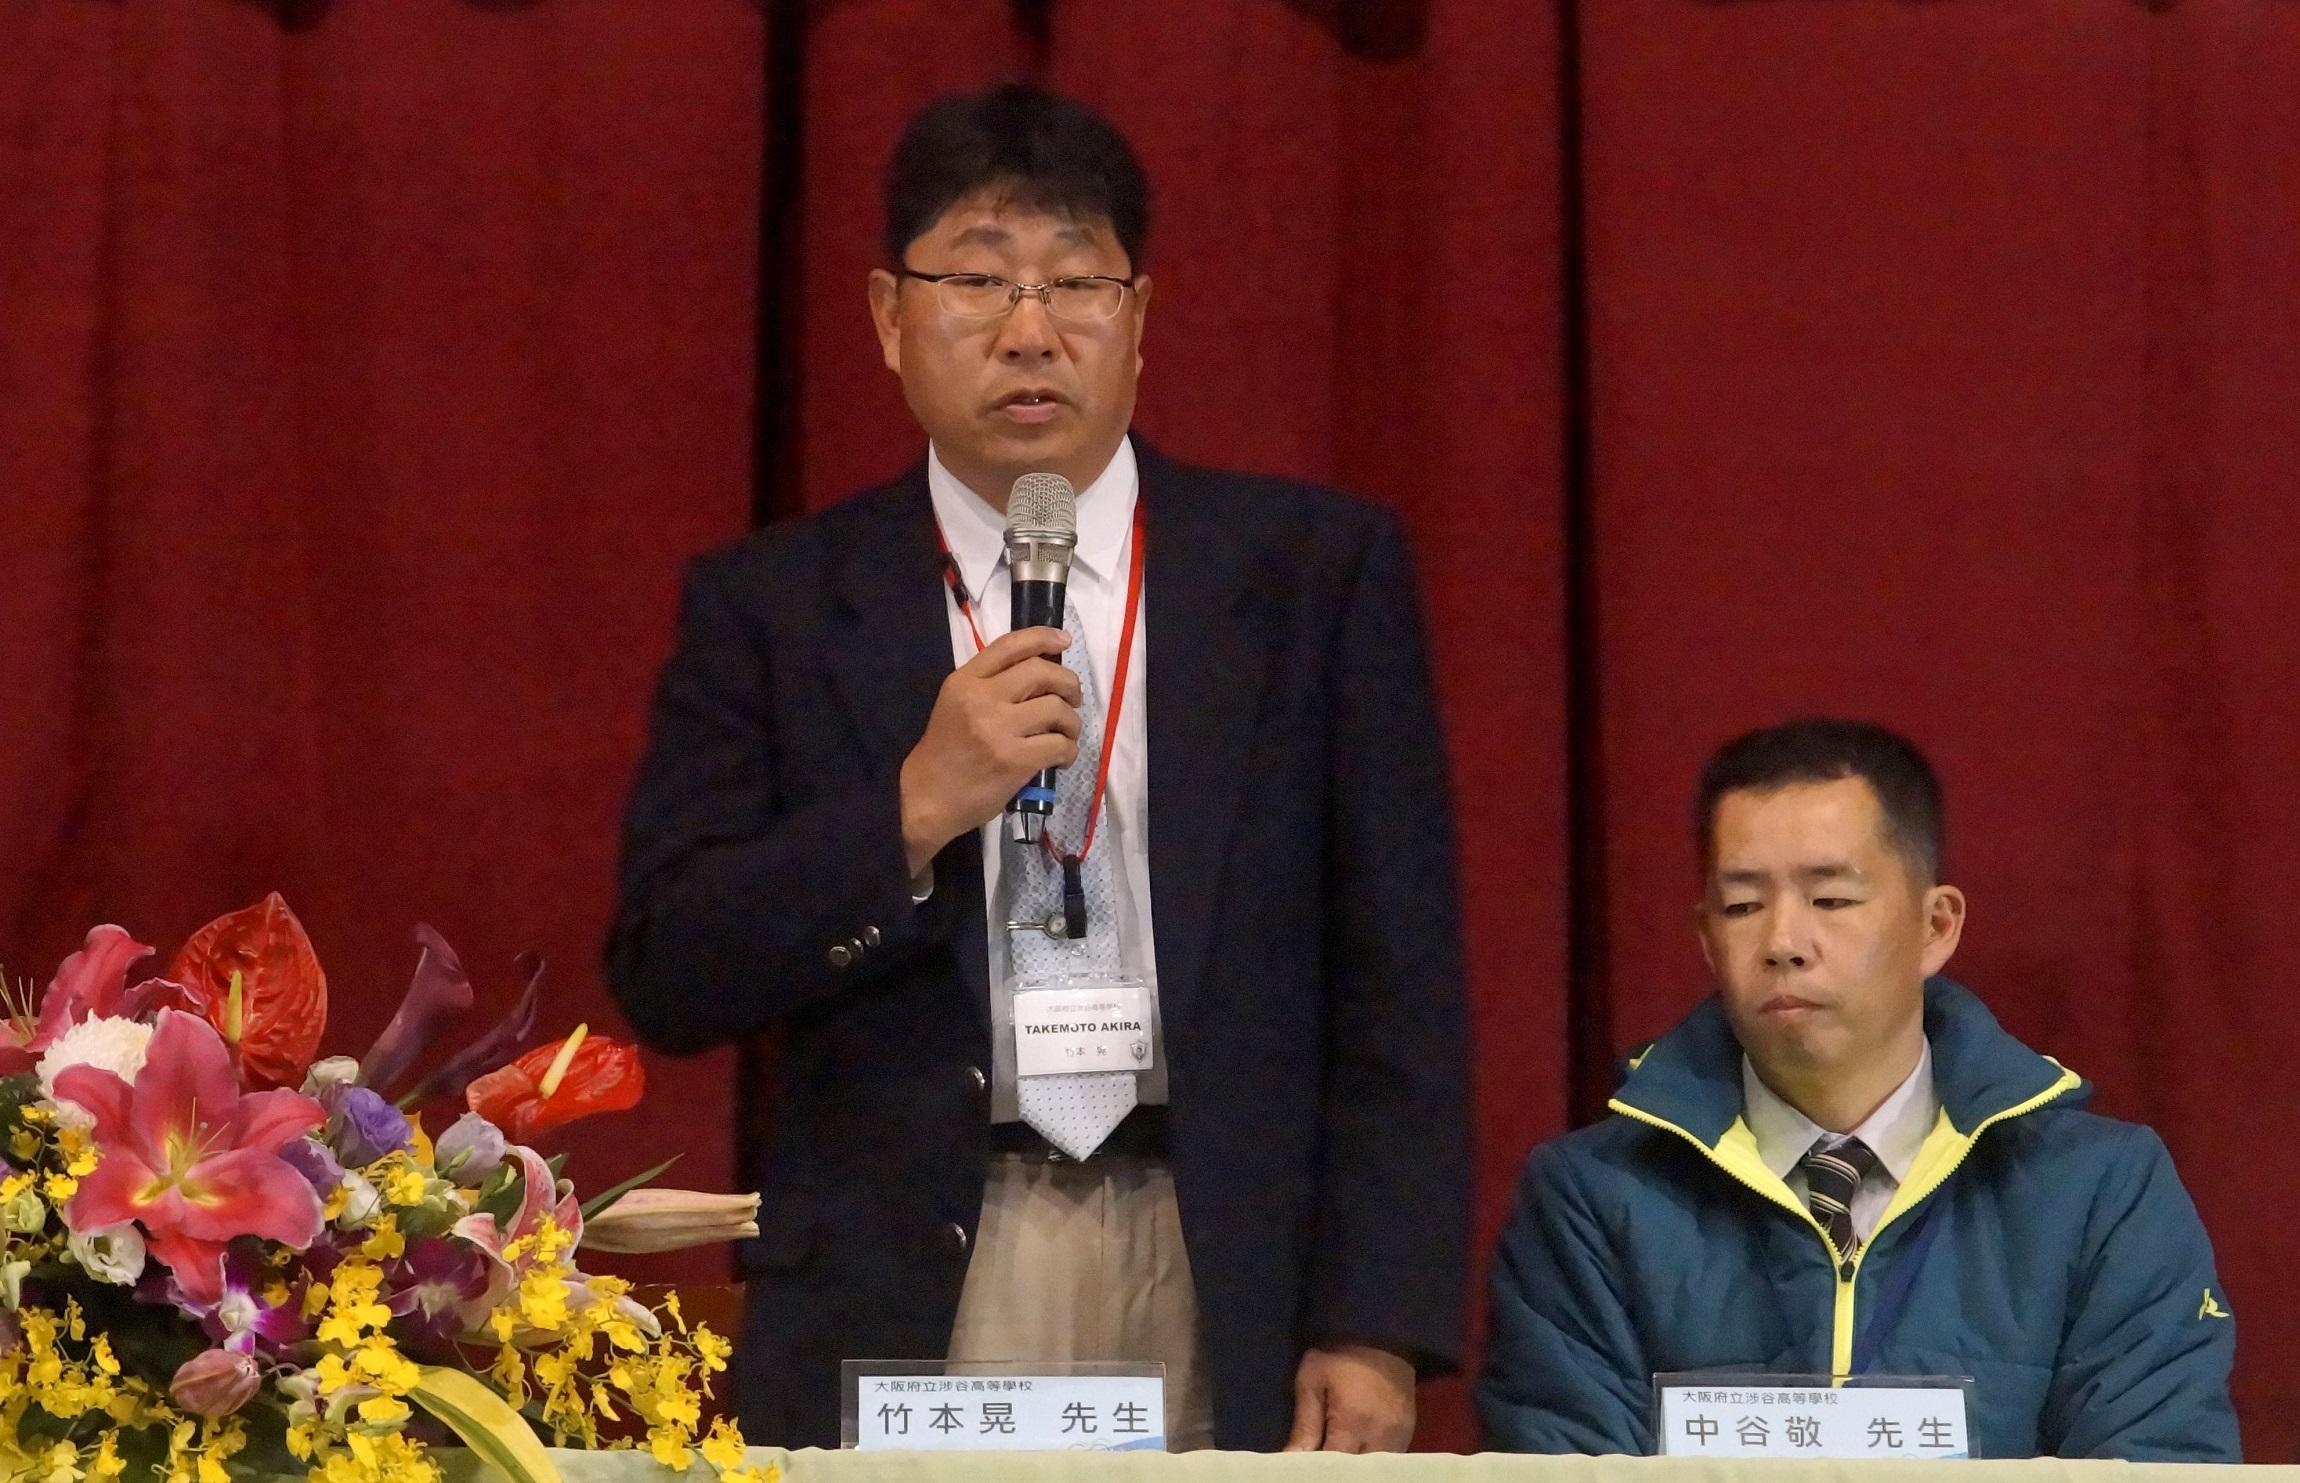 日本涉谷高校竹本晃先生說,該校101年前於日本大阪成立,是一個非常傳統的學校,他非常高興能夠與聖約大進行文化交流活動